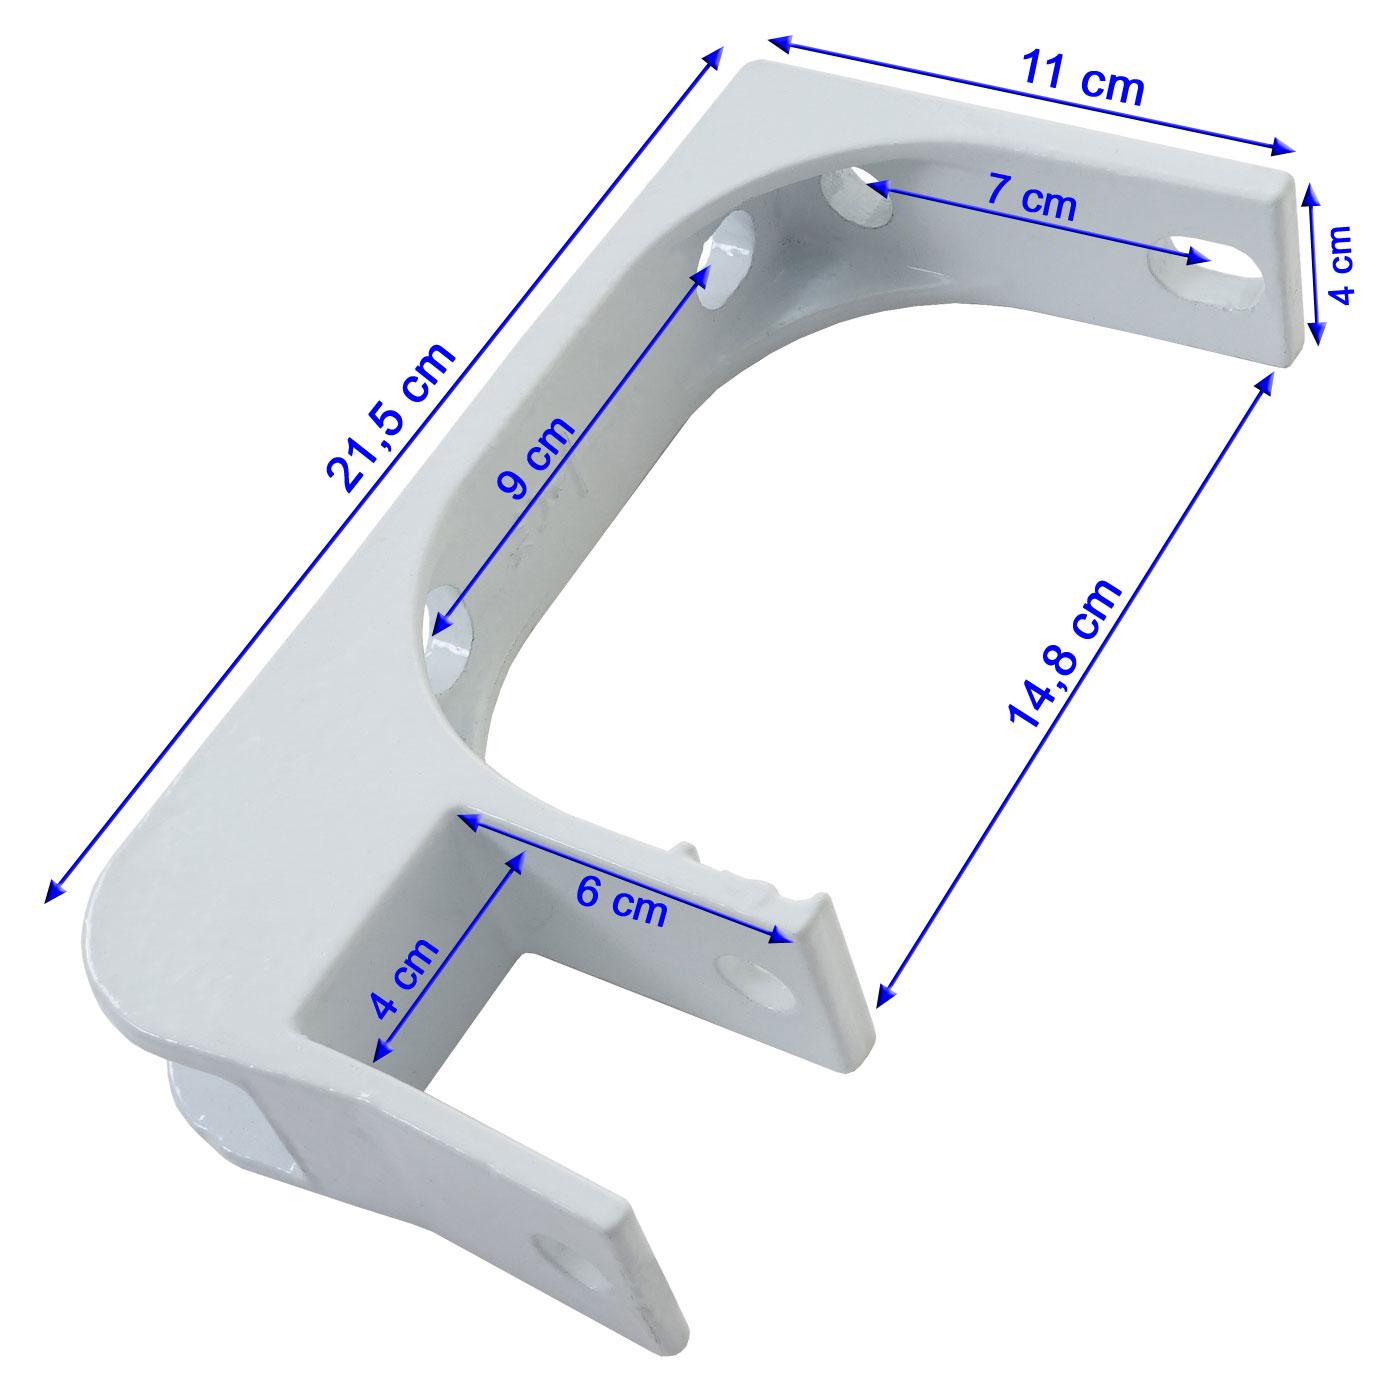 4x wandhalterung f r markise t792 deckenhalterung. Black Bedroom Furniture Sets. Home Design Ideas